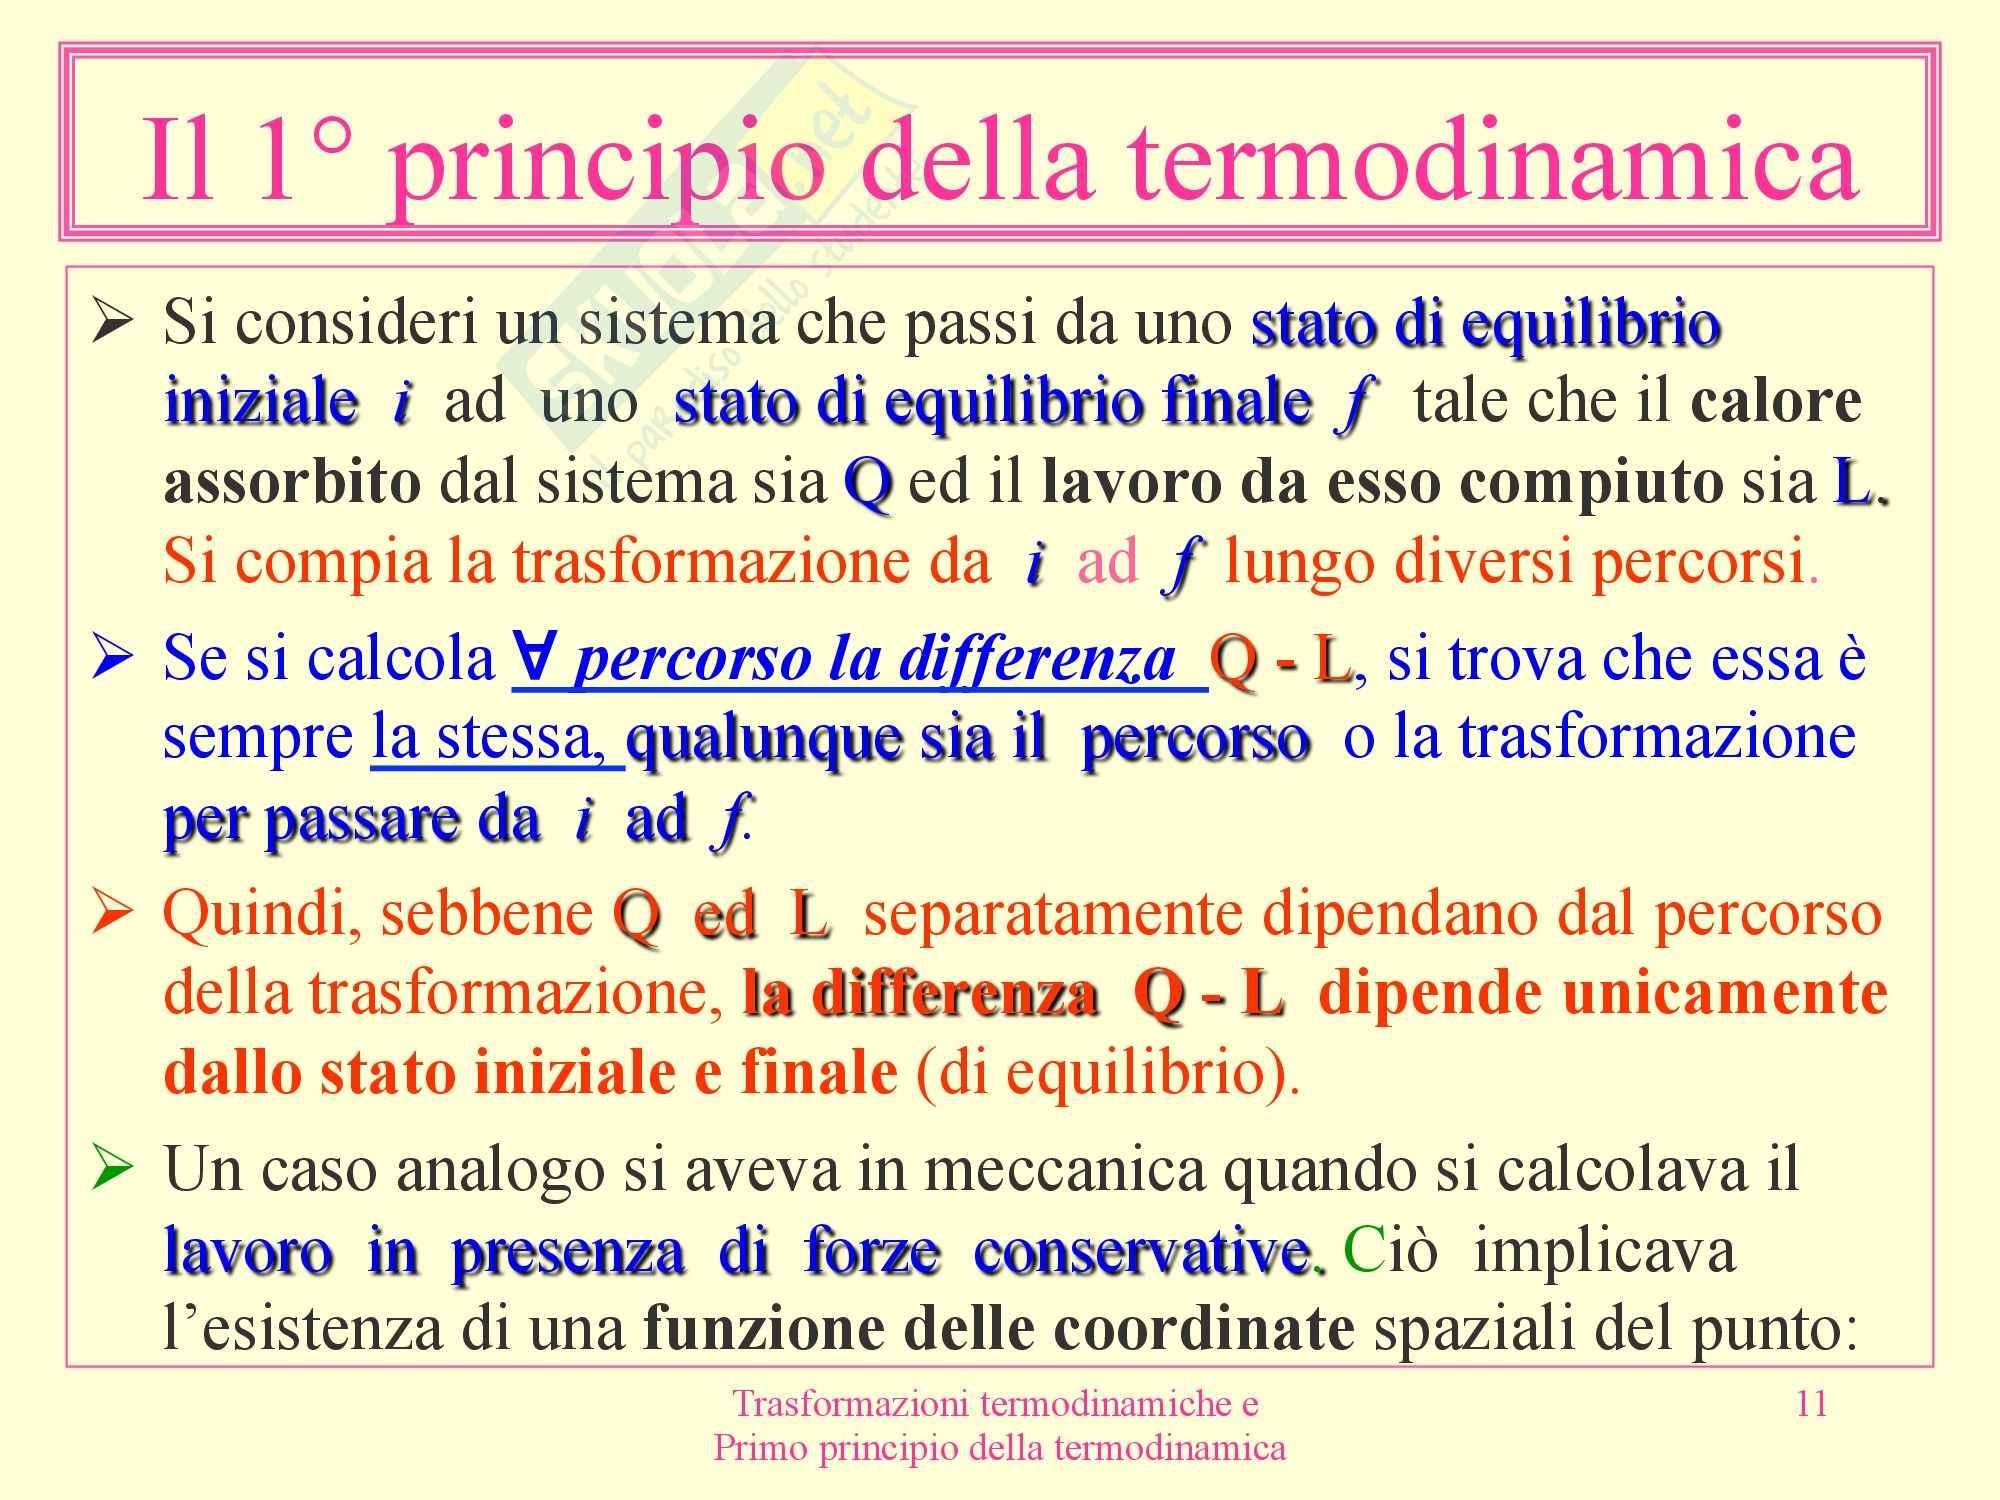 Fisica medica - termodinamica Pag. 11